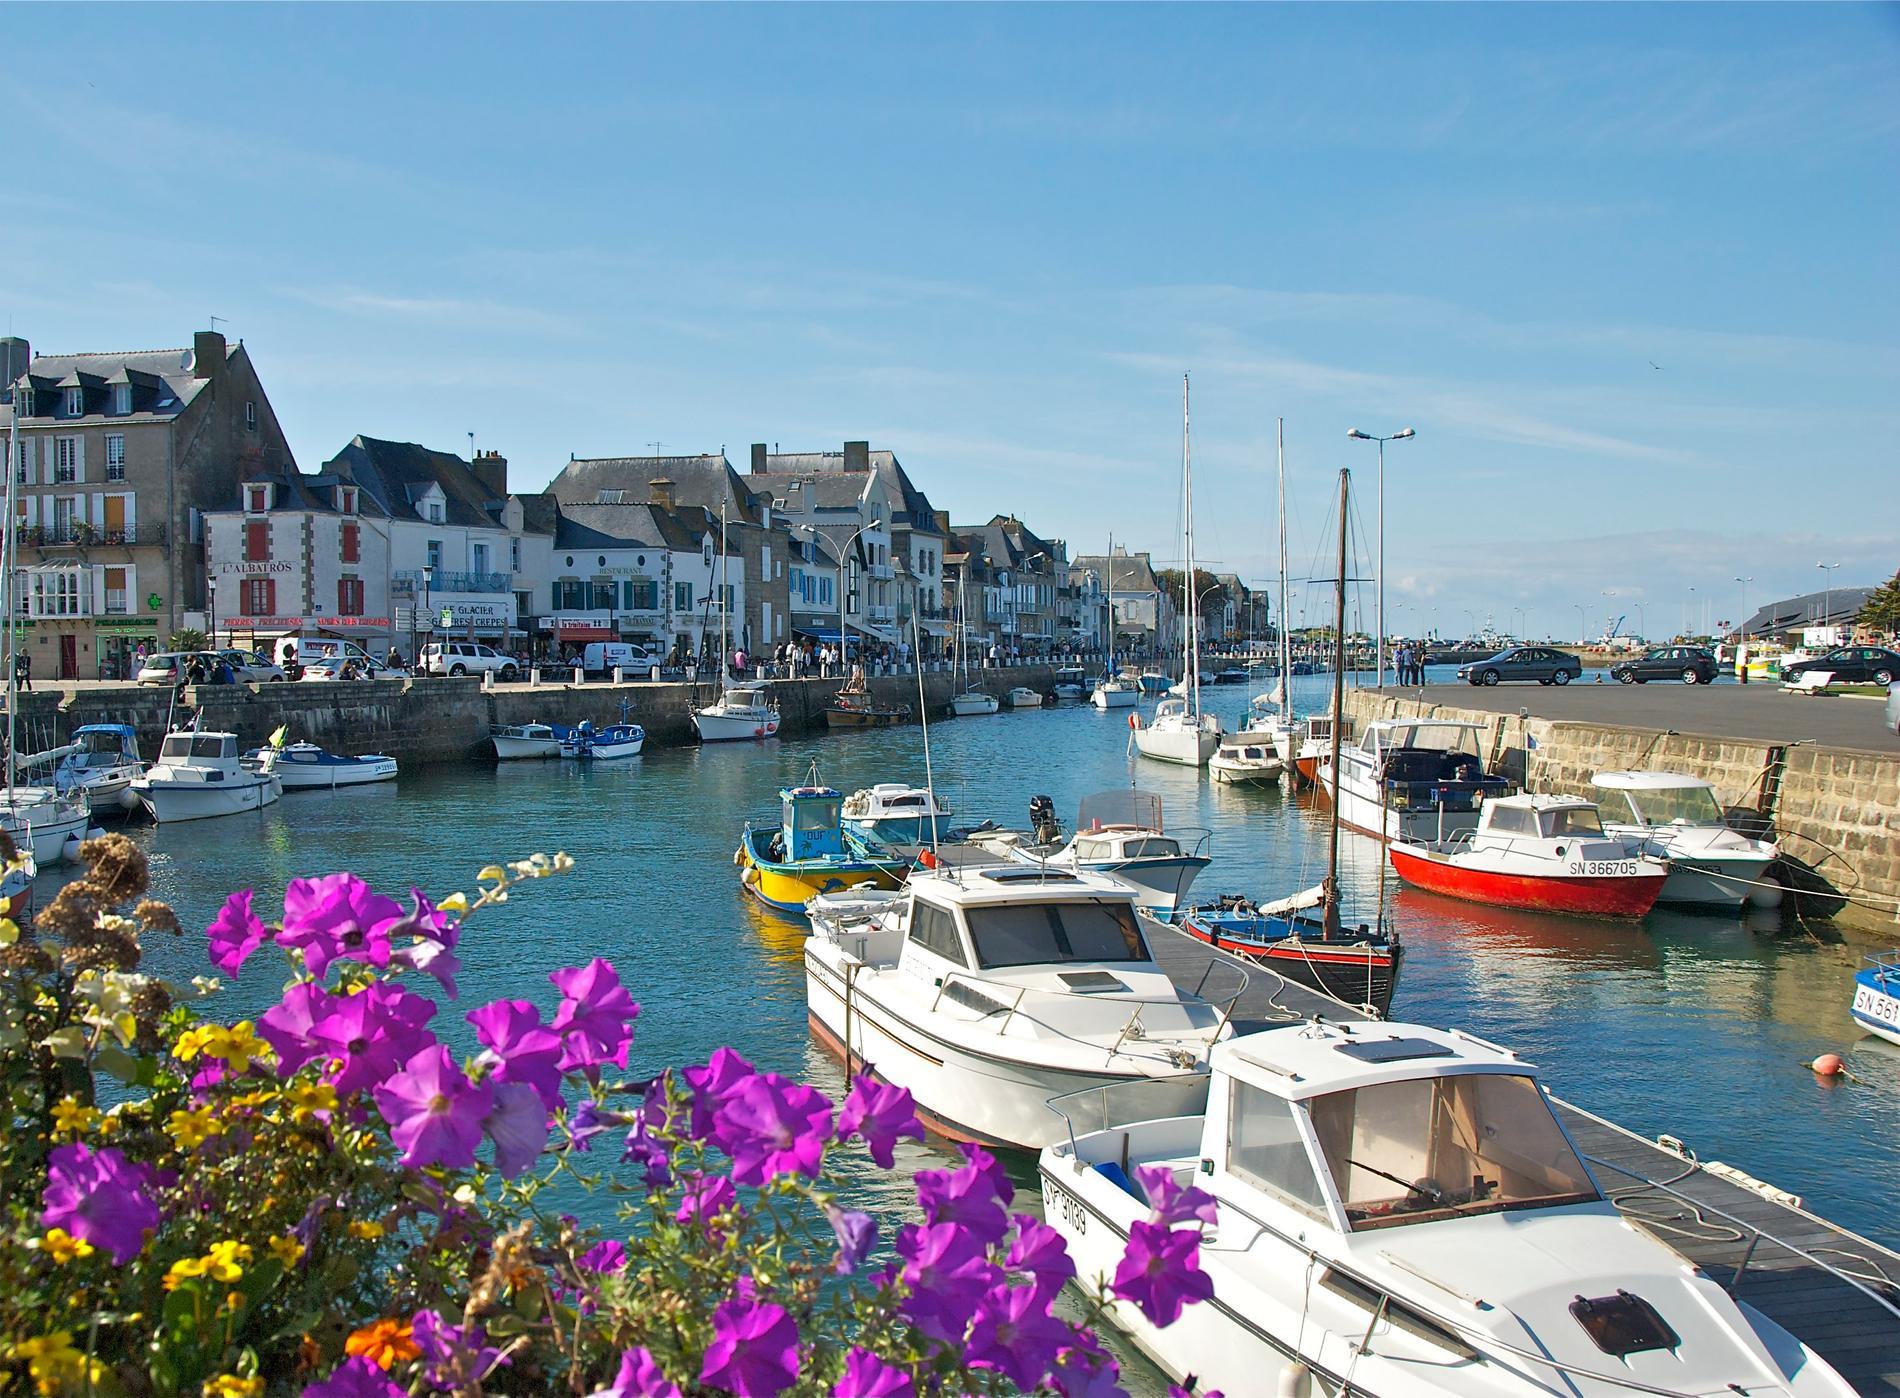 Cinq petits ports fran ais pour s 39 a rer le temps d 39 un week end madame figaro - Office de tourisme le croisic ...